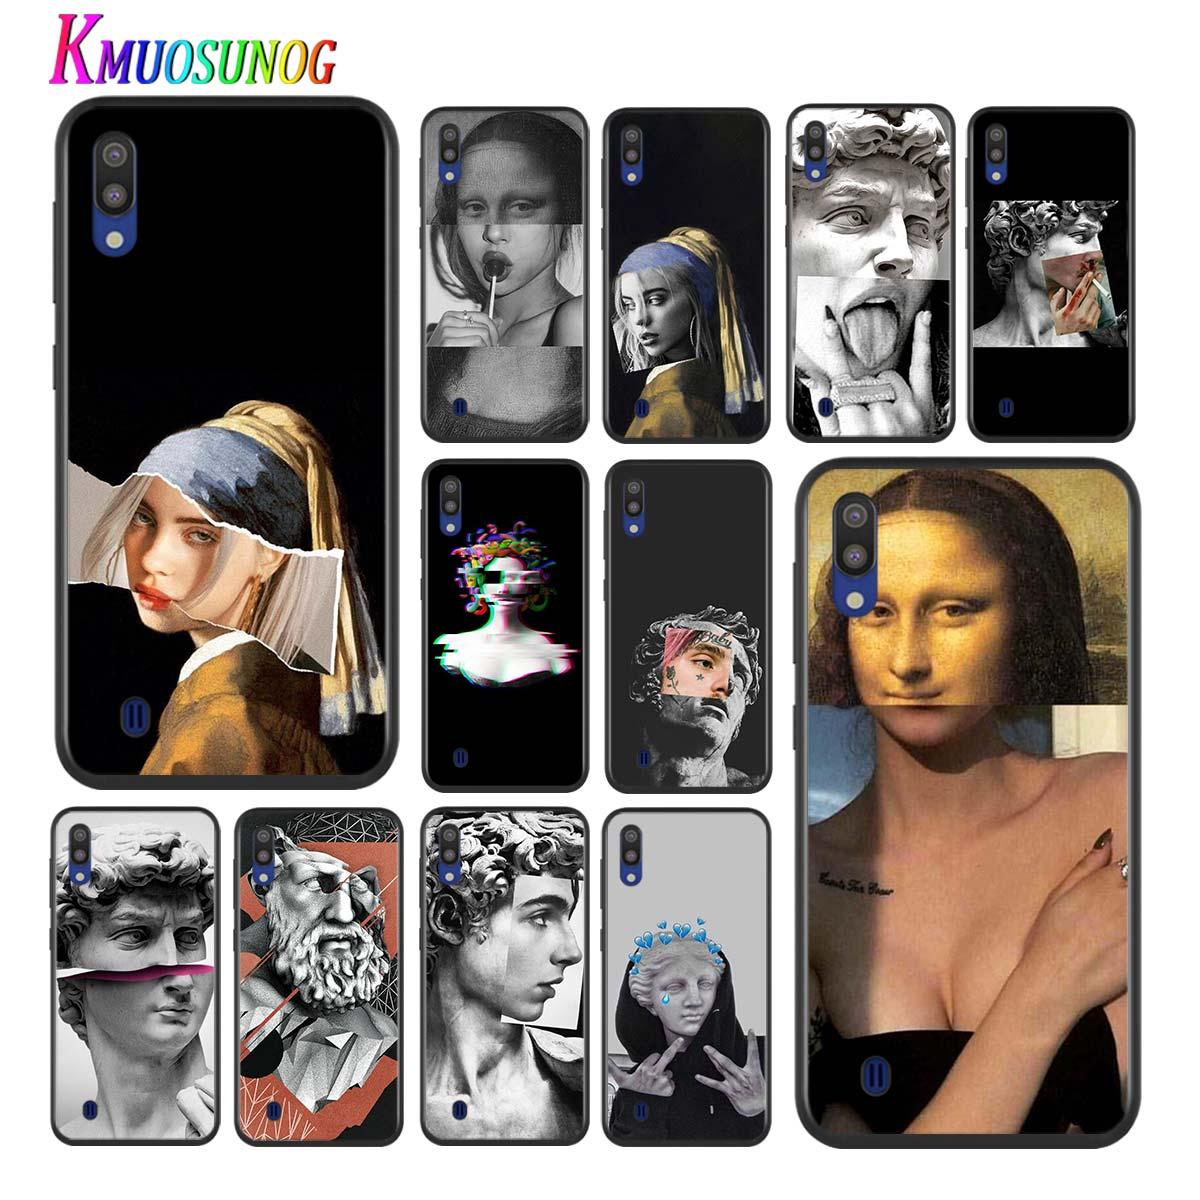 Estatua de Miguel Ángel estética para Samsung Galaxy A90 5G A80 A70S A70 A60 A50S A40 A30 A20E A20 A20S A10S A10 A10S teléfono caso